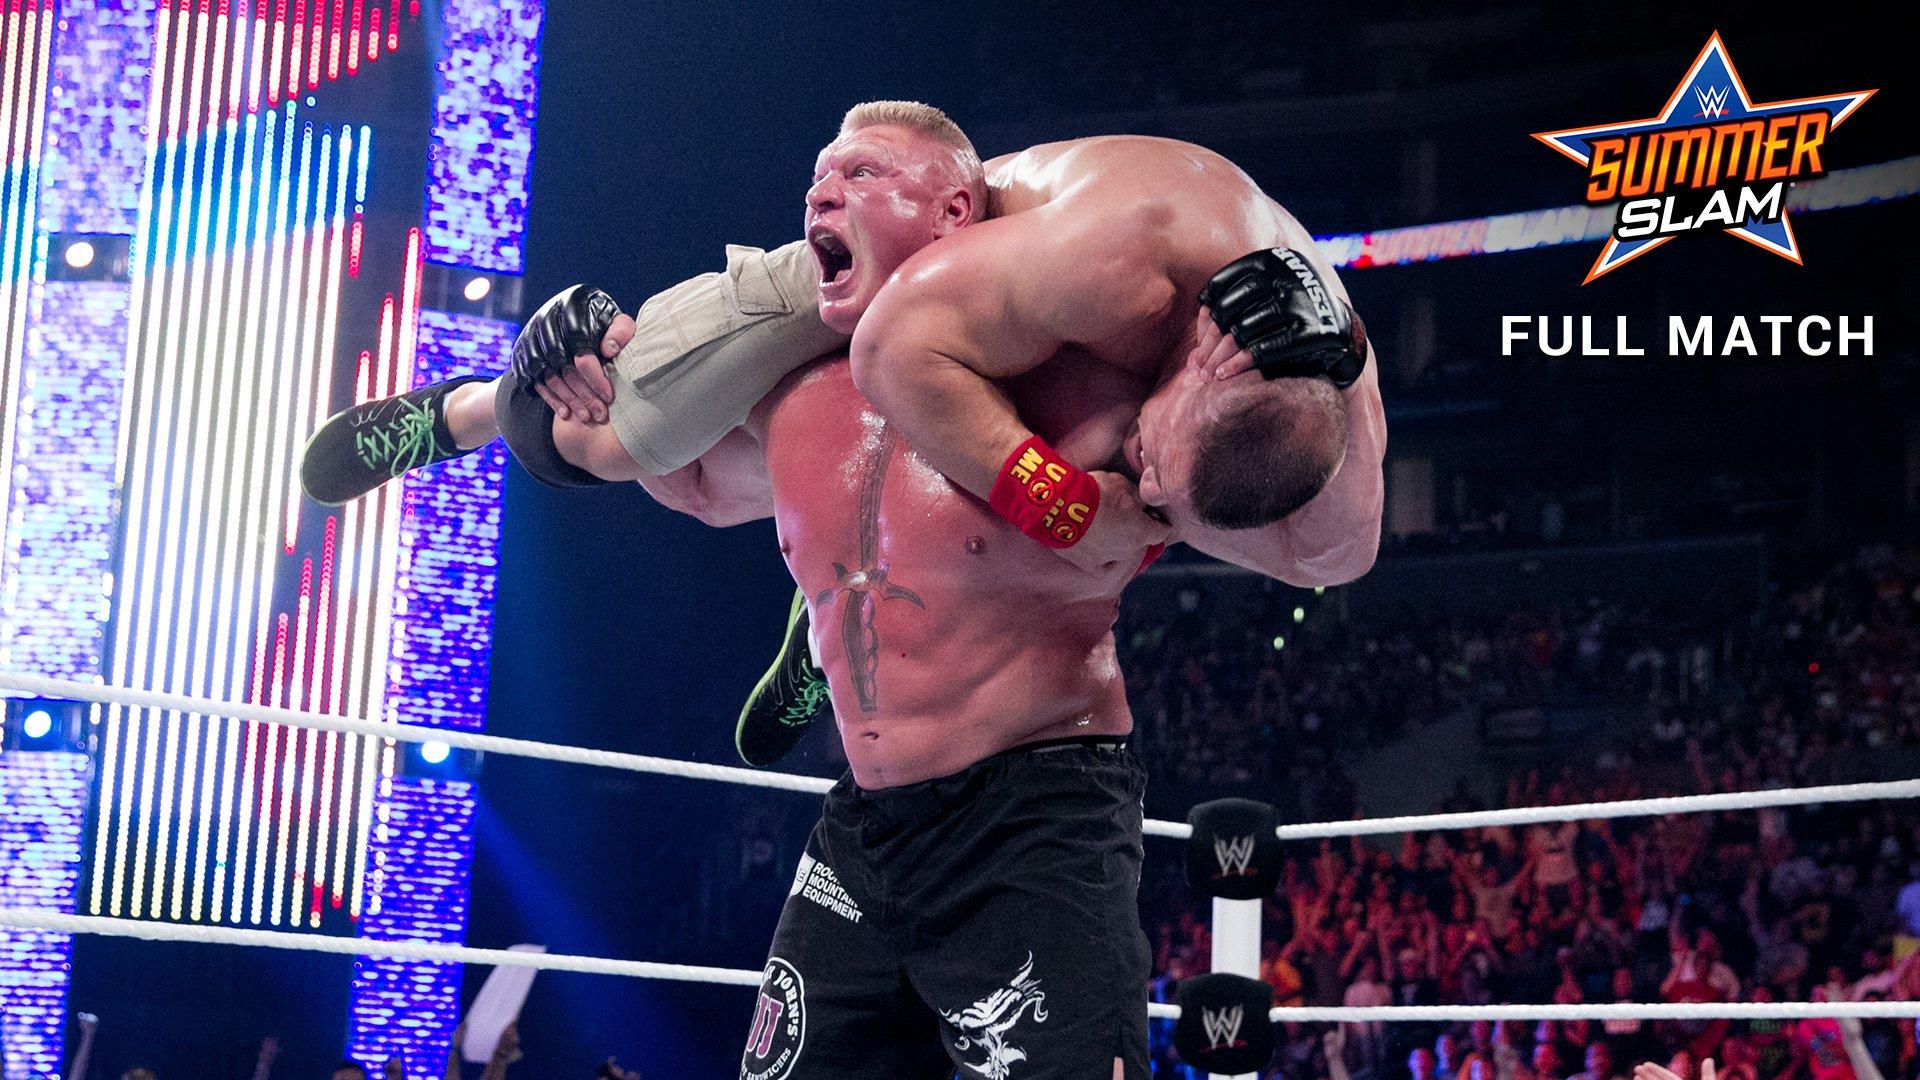 john cena vs brock lesnar wwe world heavyweight title match